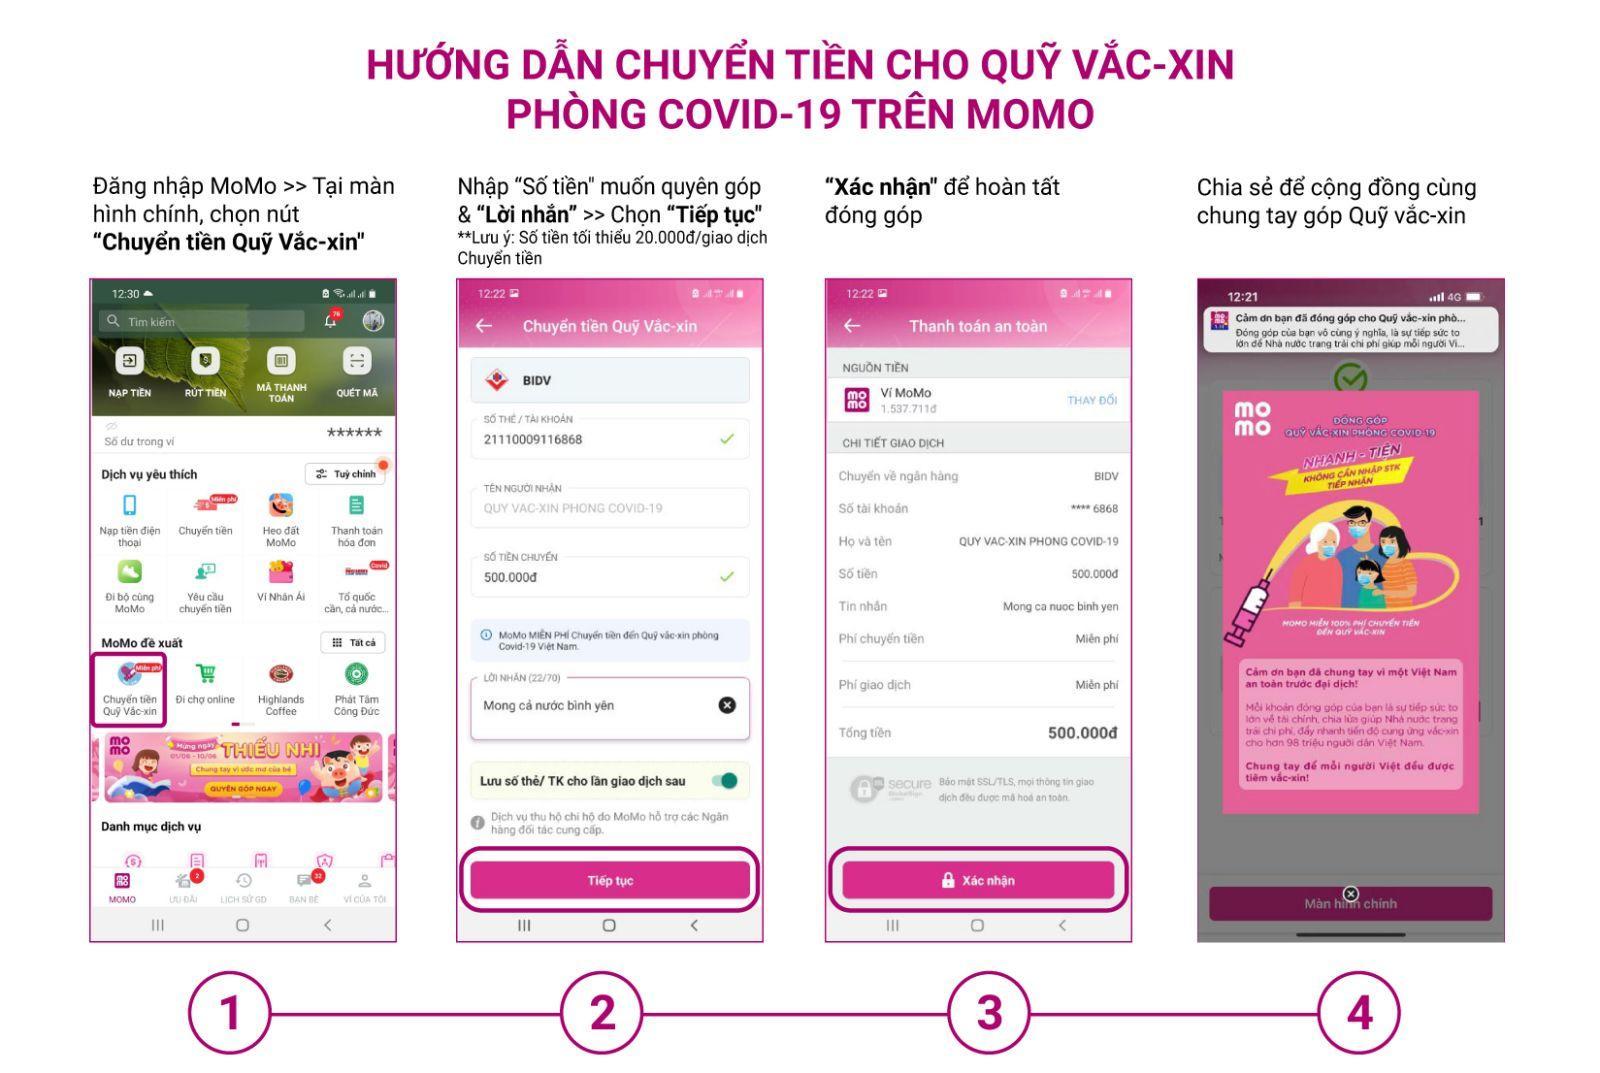 MoMo miễn phí Chuyển tiền đến Quỹ vắc-xin phòng Covid-19 Việt Nam